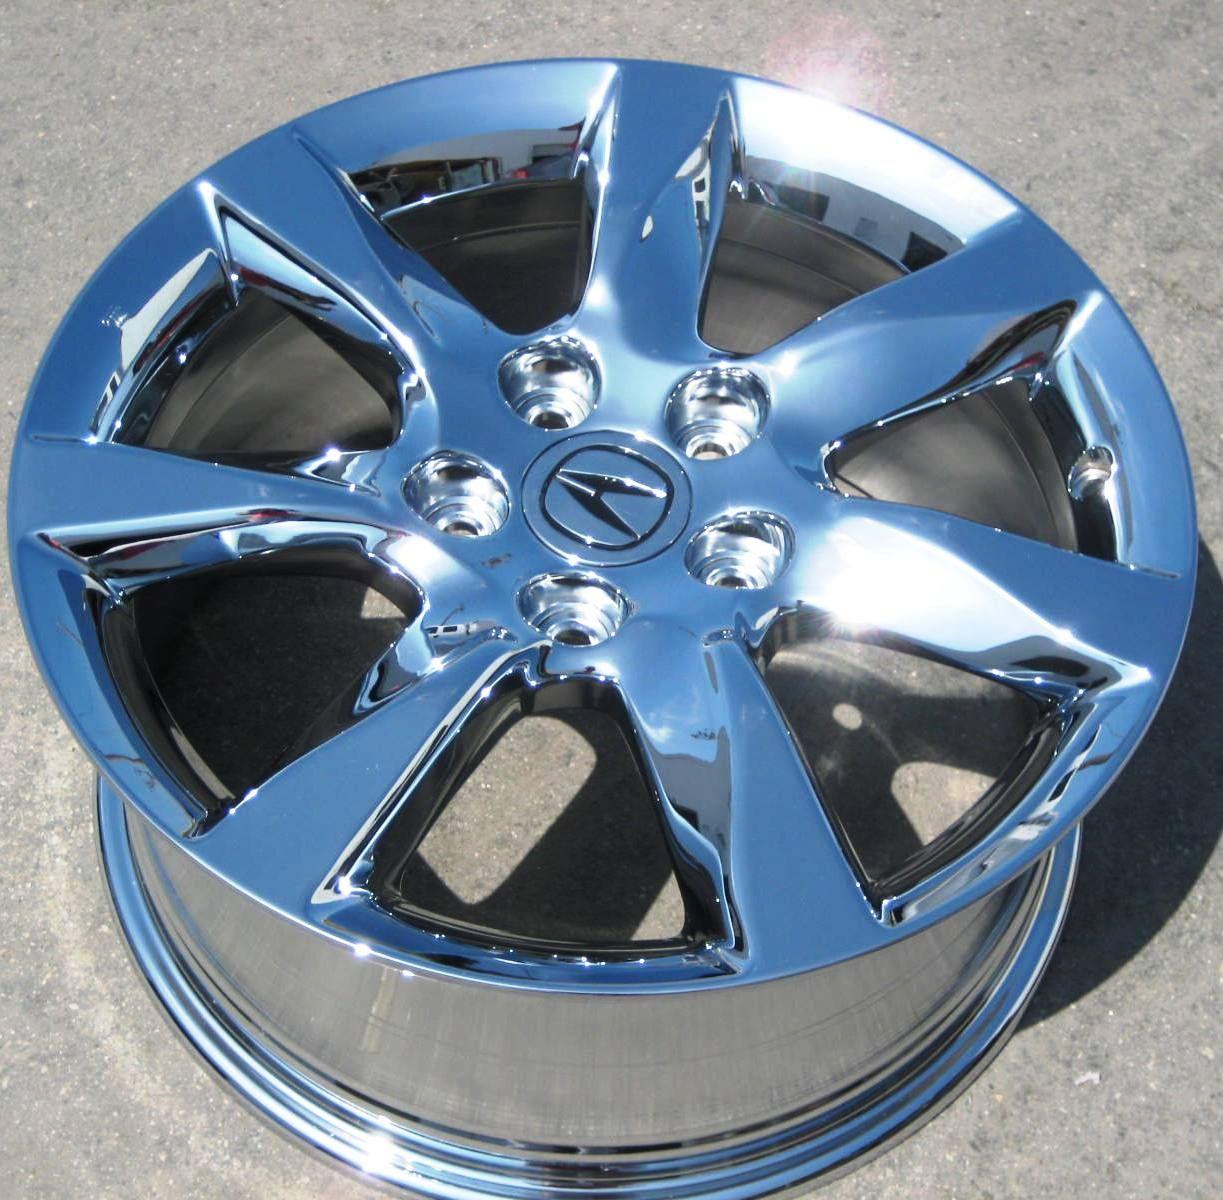 Stock 4 New 17 Factory Acura TL Chrome Wheels Rims 2012